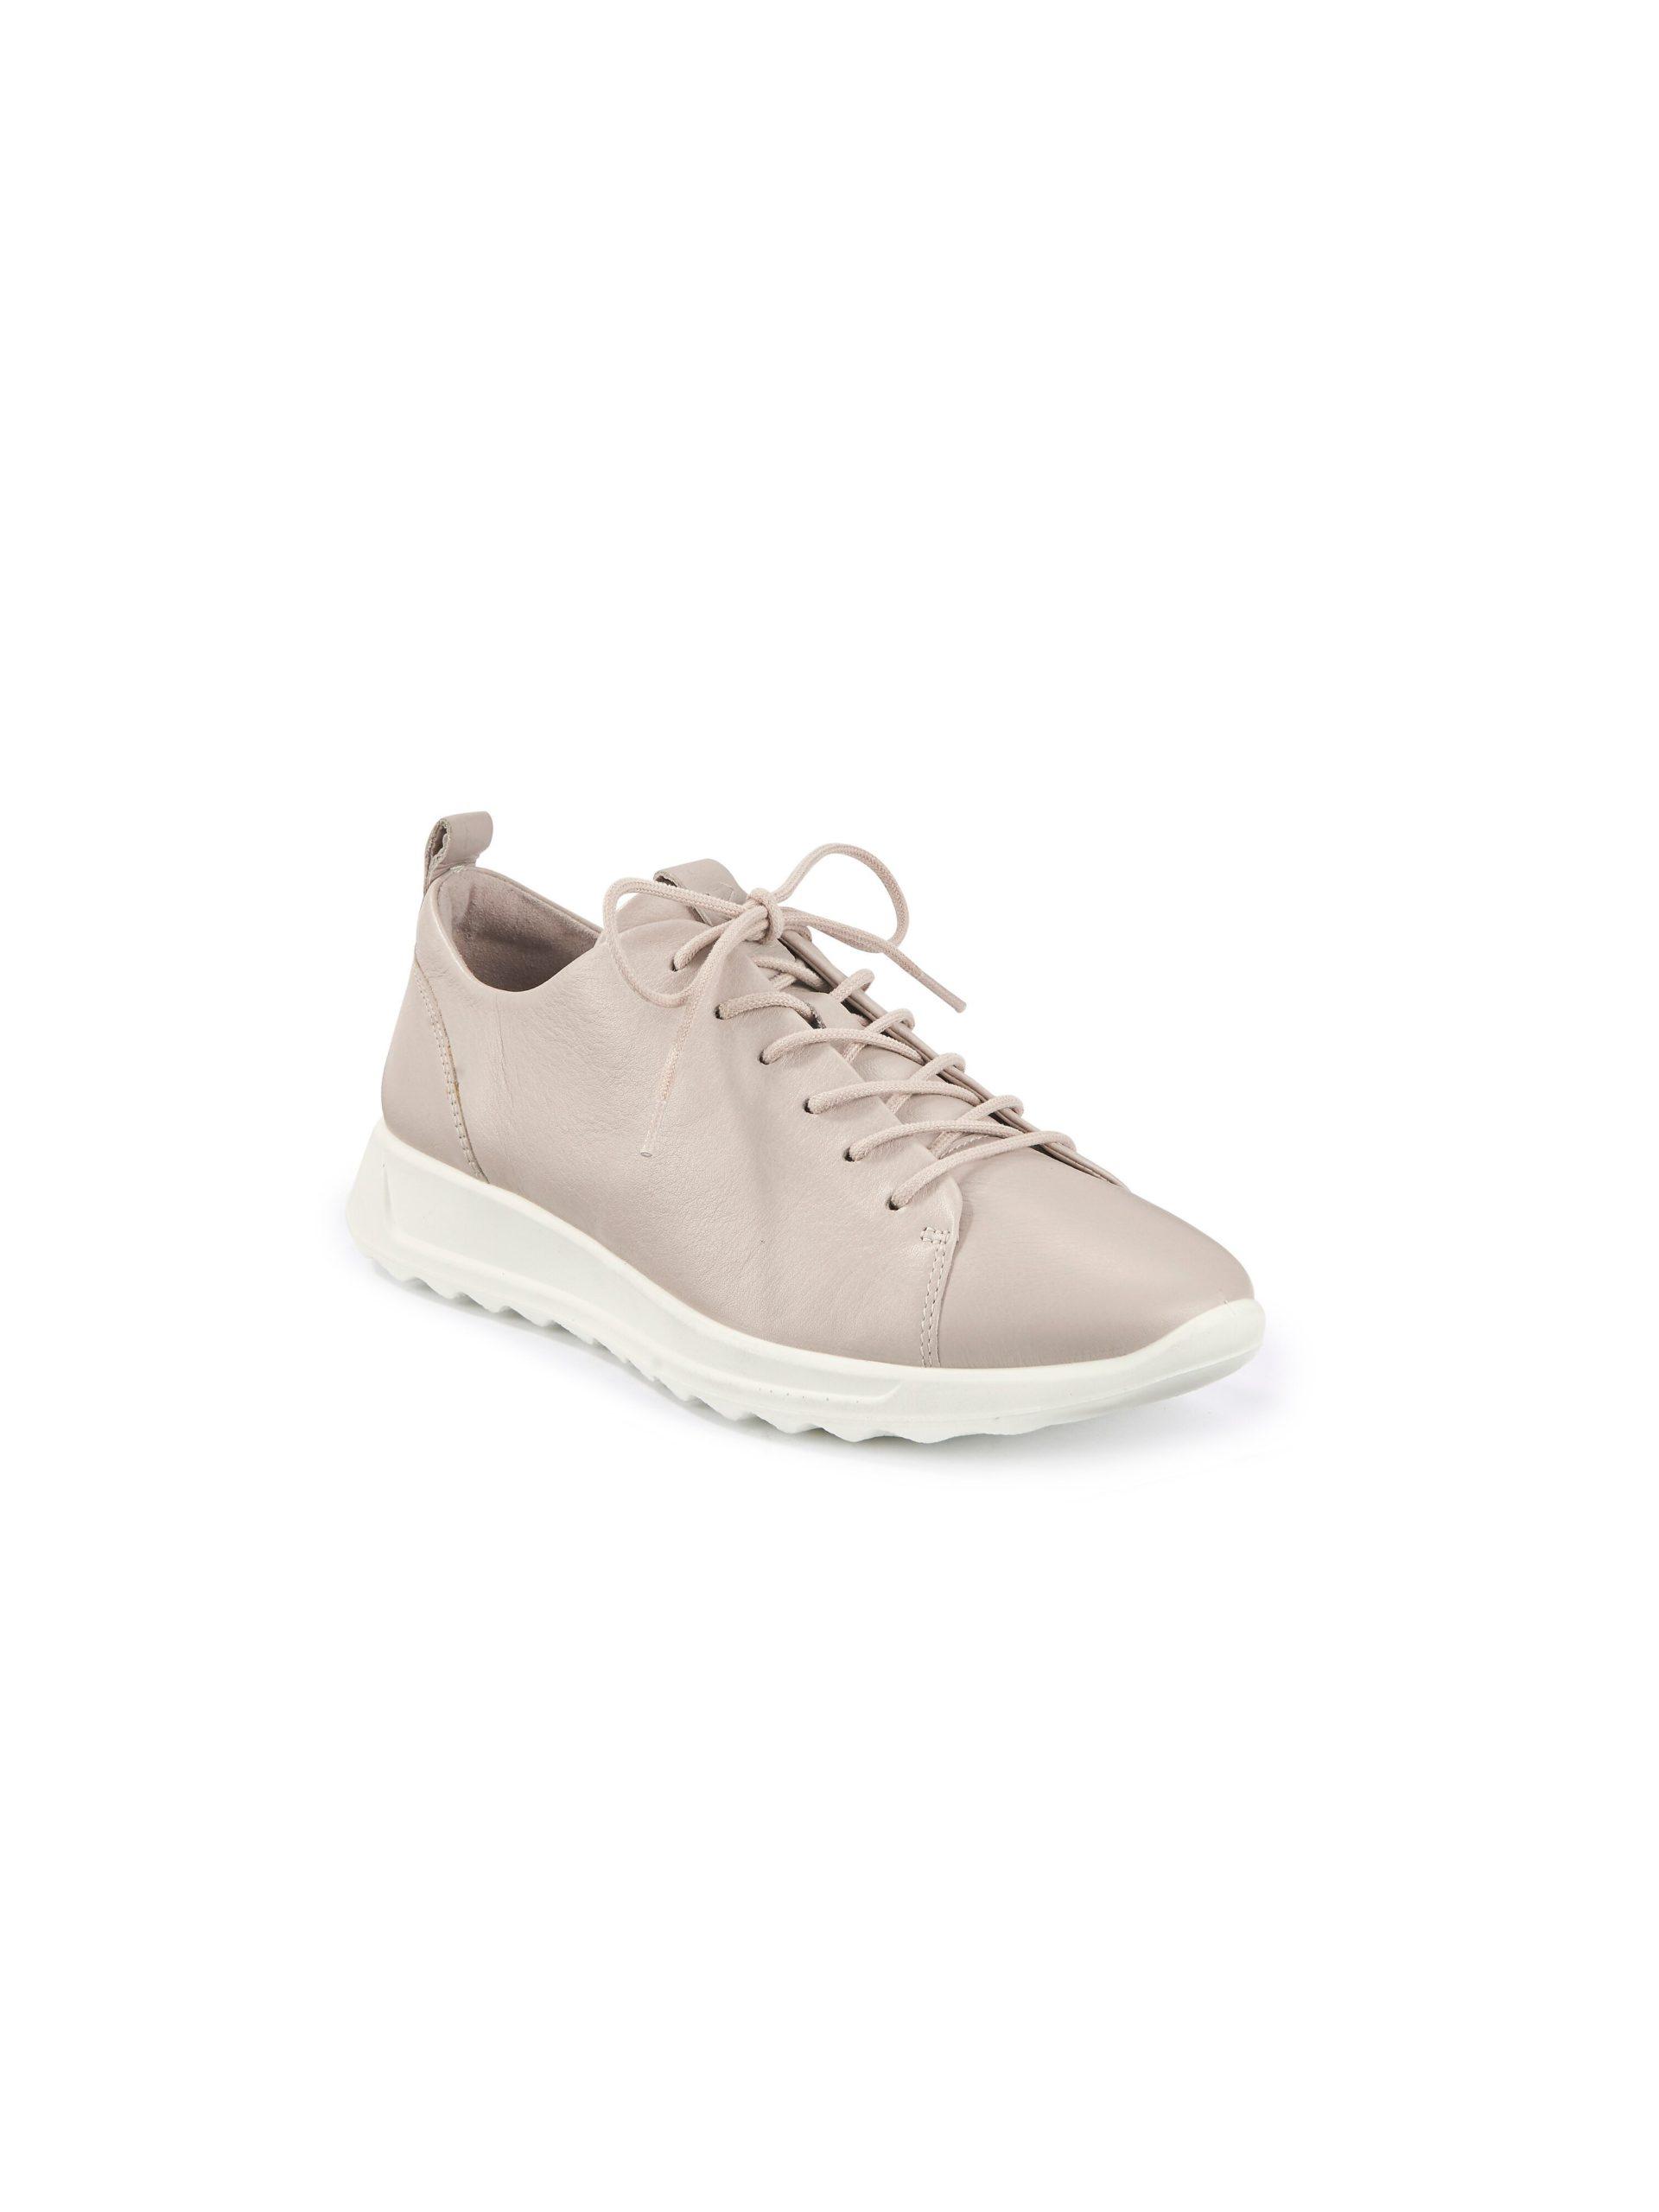 Sneakers model Flexure Runner Van Ecco grijs Kopen